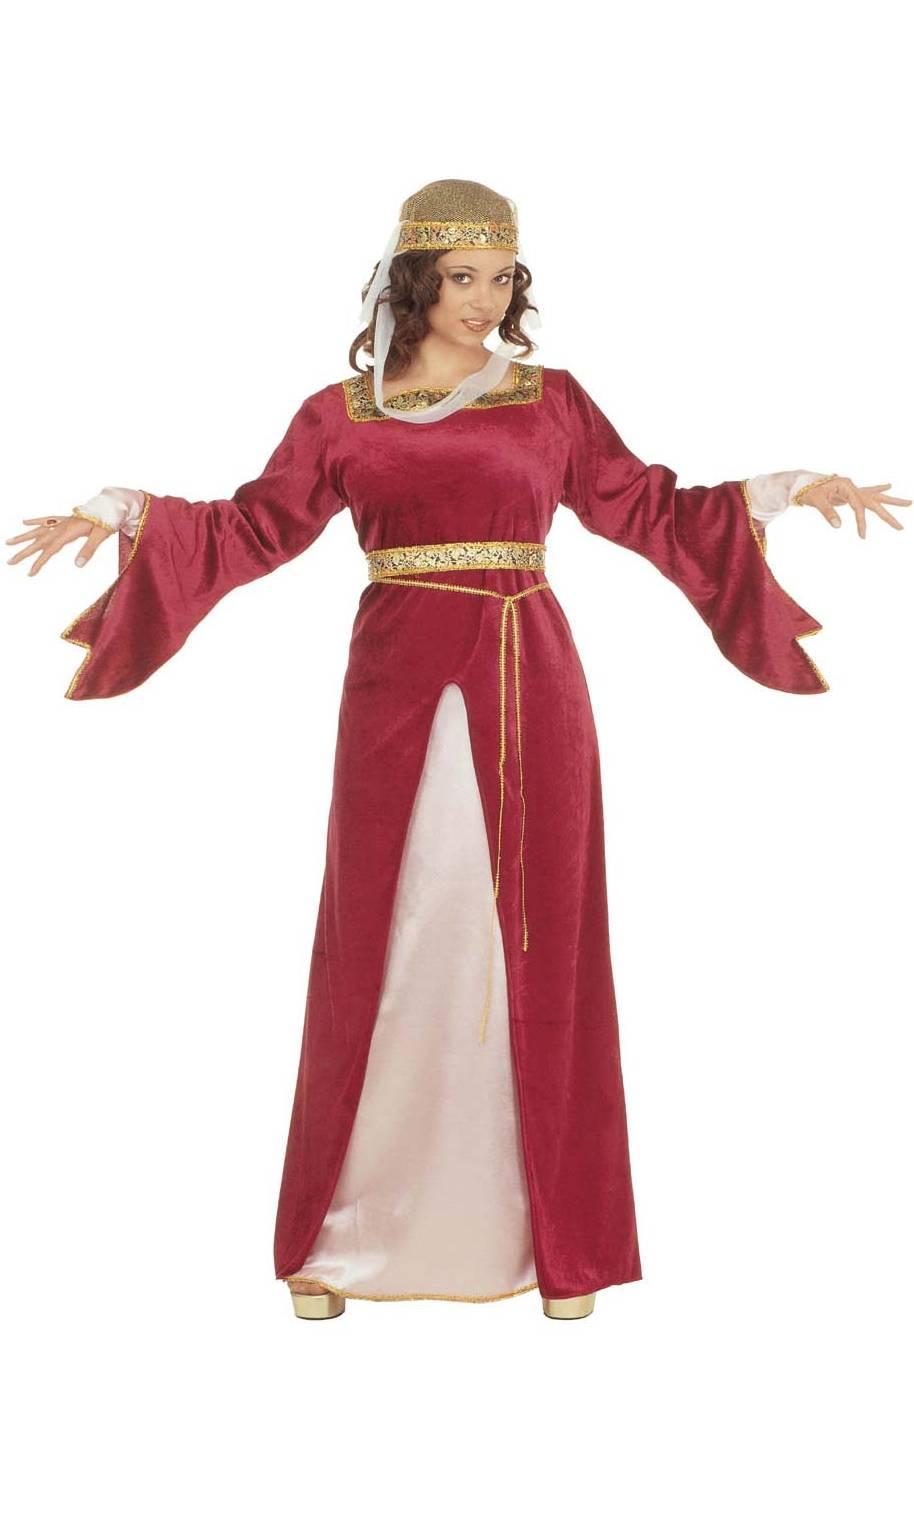 Costume-Médiévale-femme-Mildrède-2